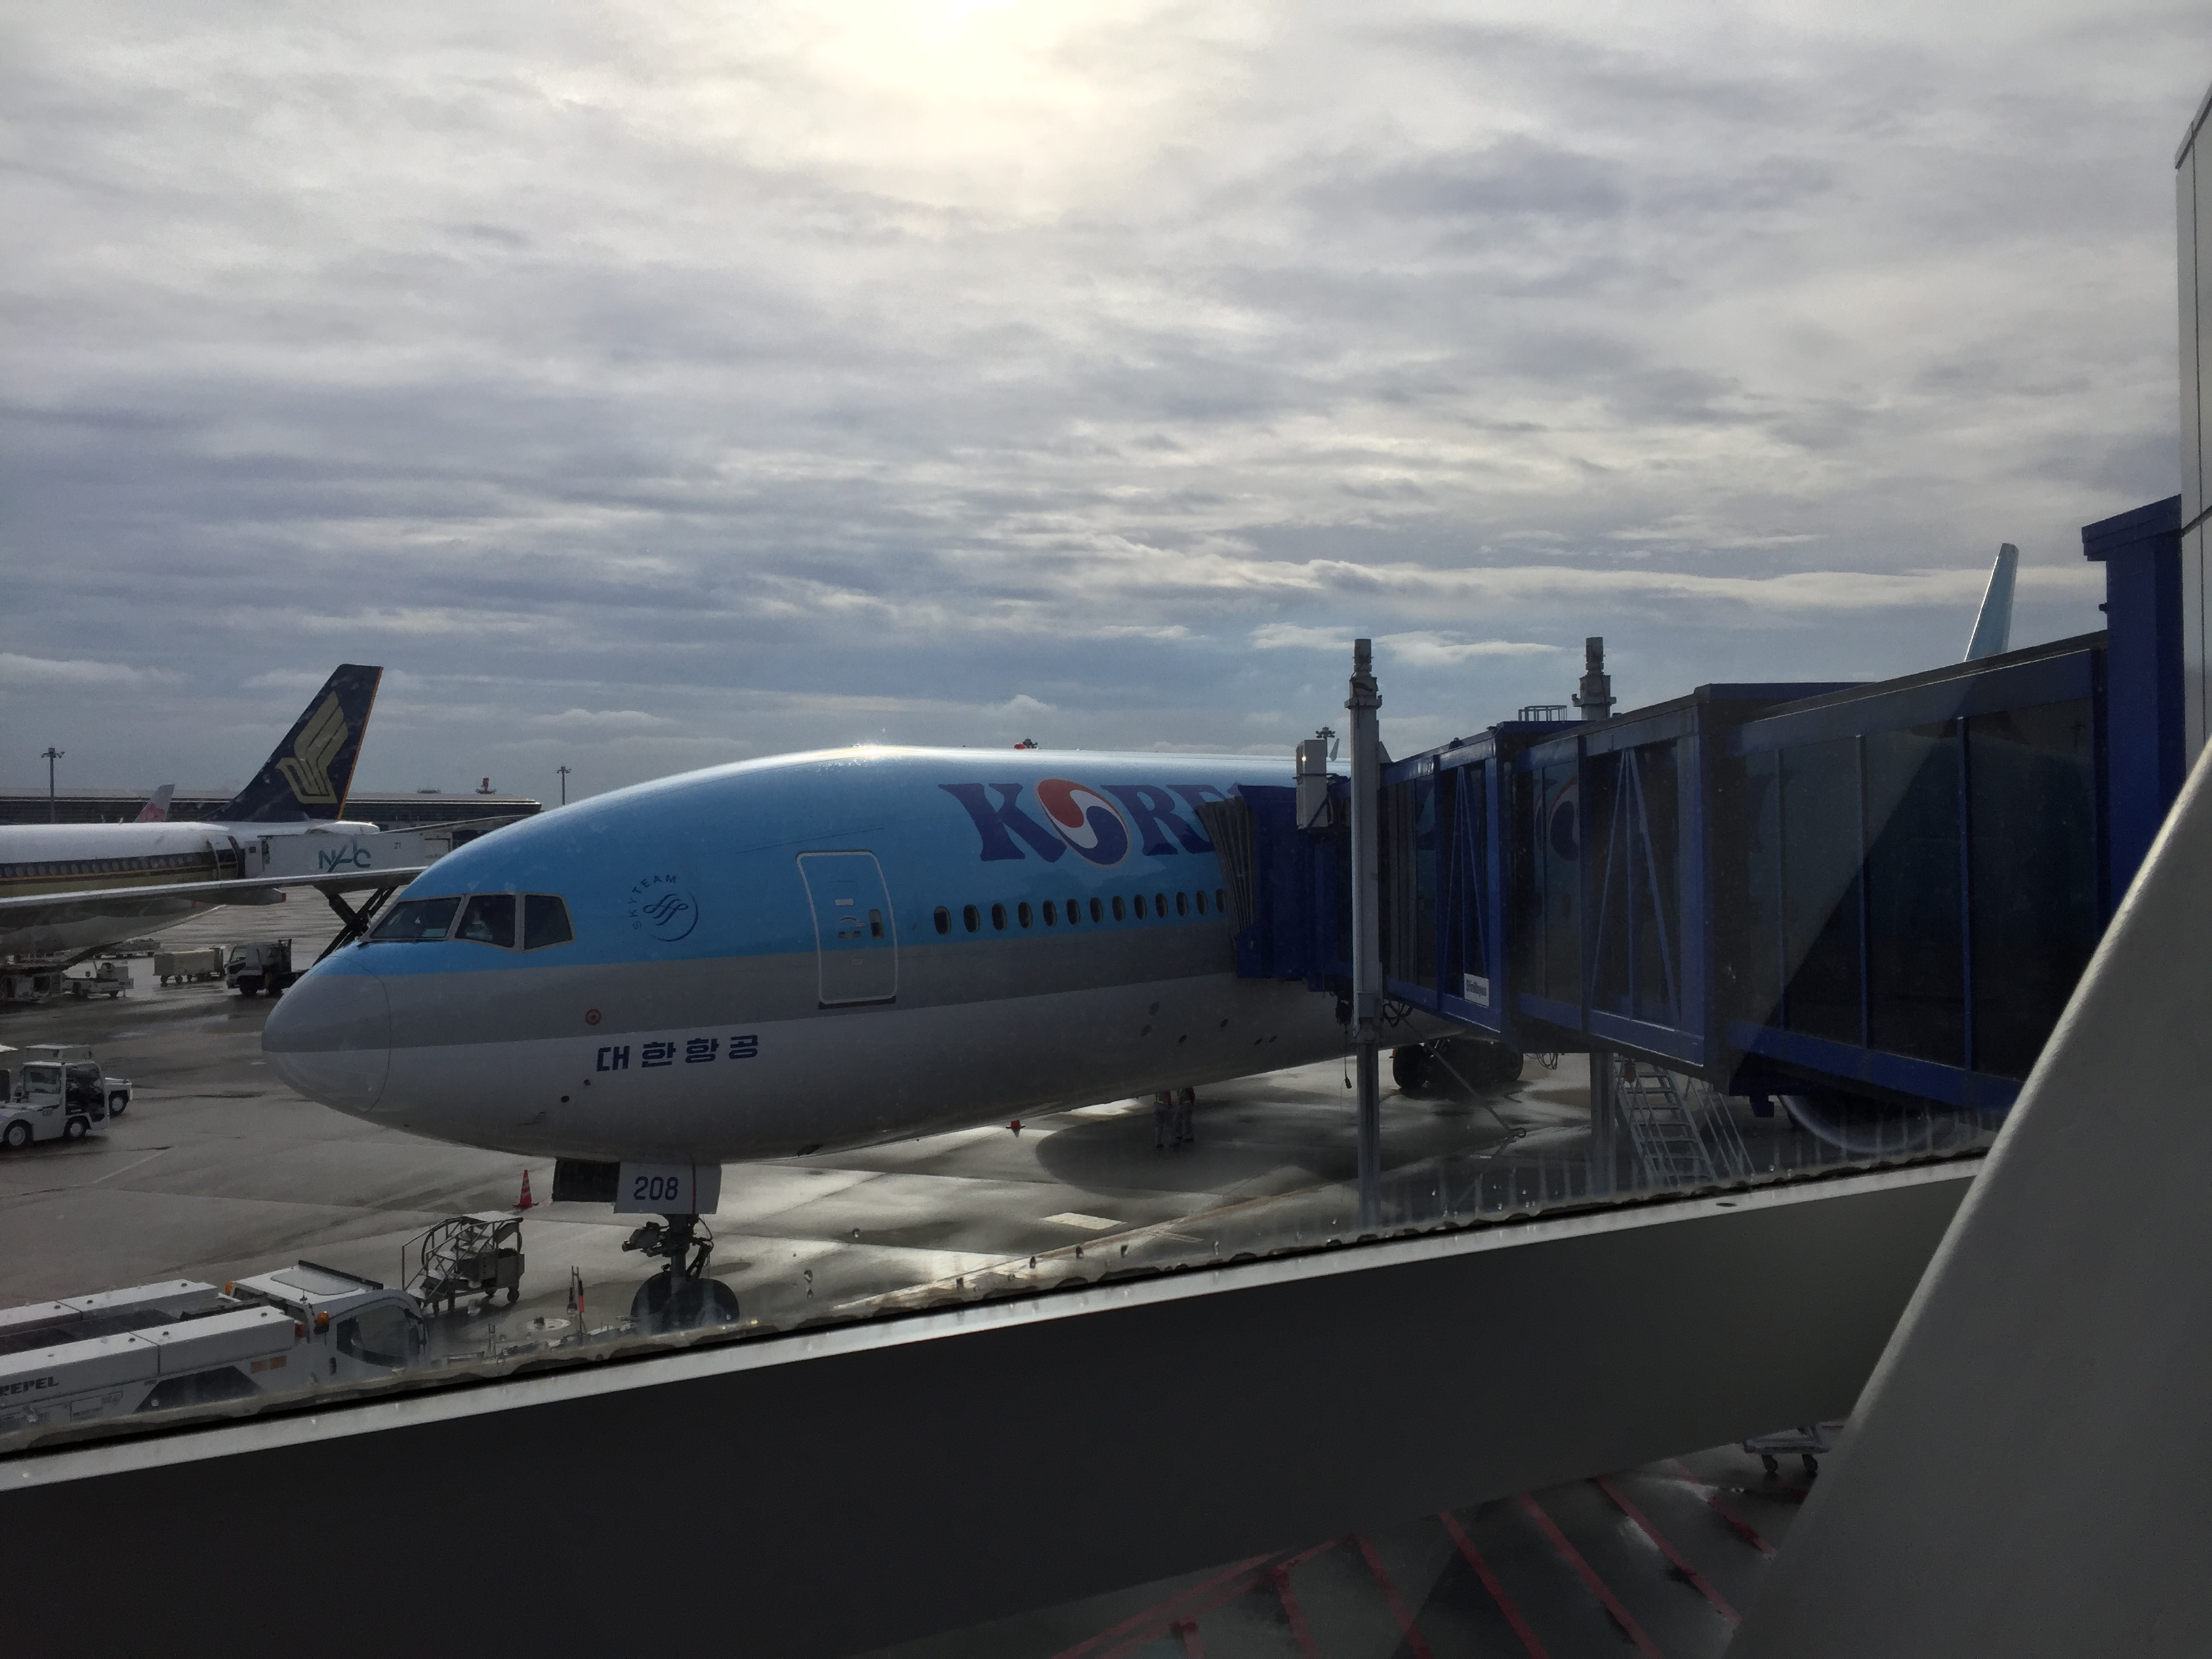 セントレア から韓国へ出発!